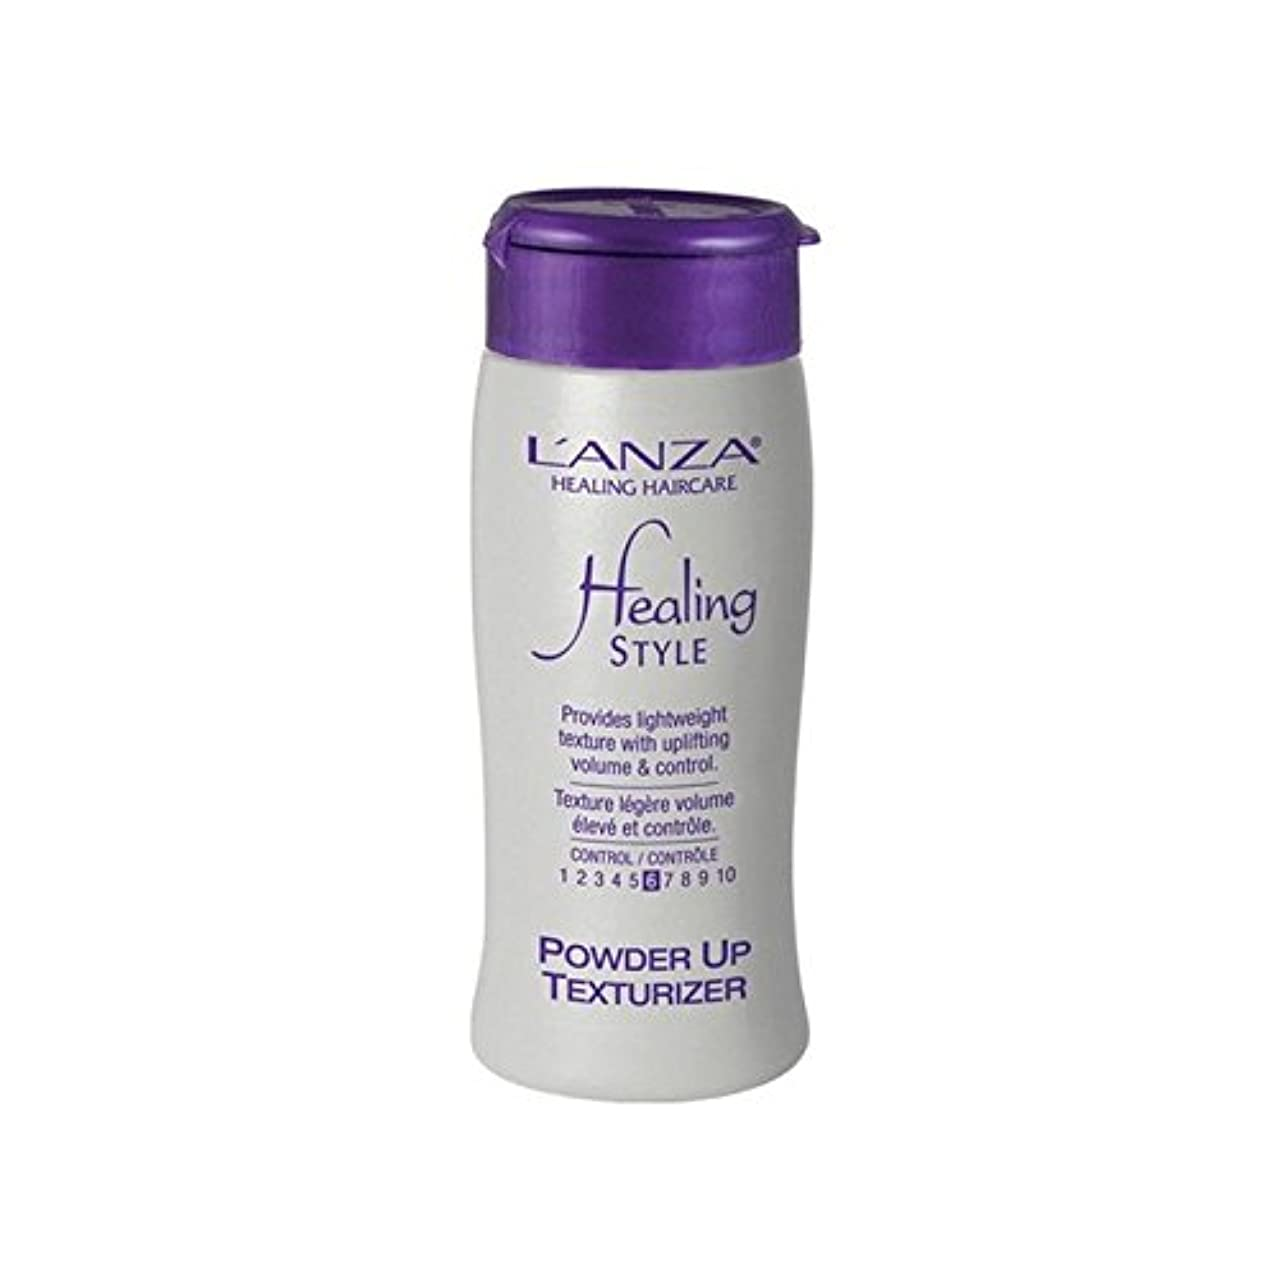 十分に泣くスペードL'Anza Healing Style Powder Up Texturizer (15G) (Pack of 6) - のアンザヒーリングスタイル粉末アップテクスチャライザー(15グラム) x6 [並行輸入品]